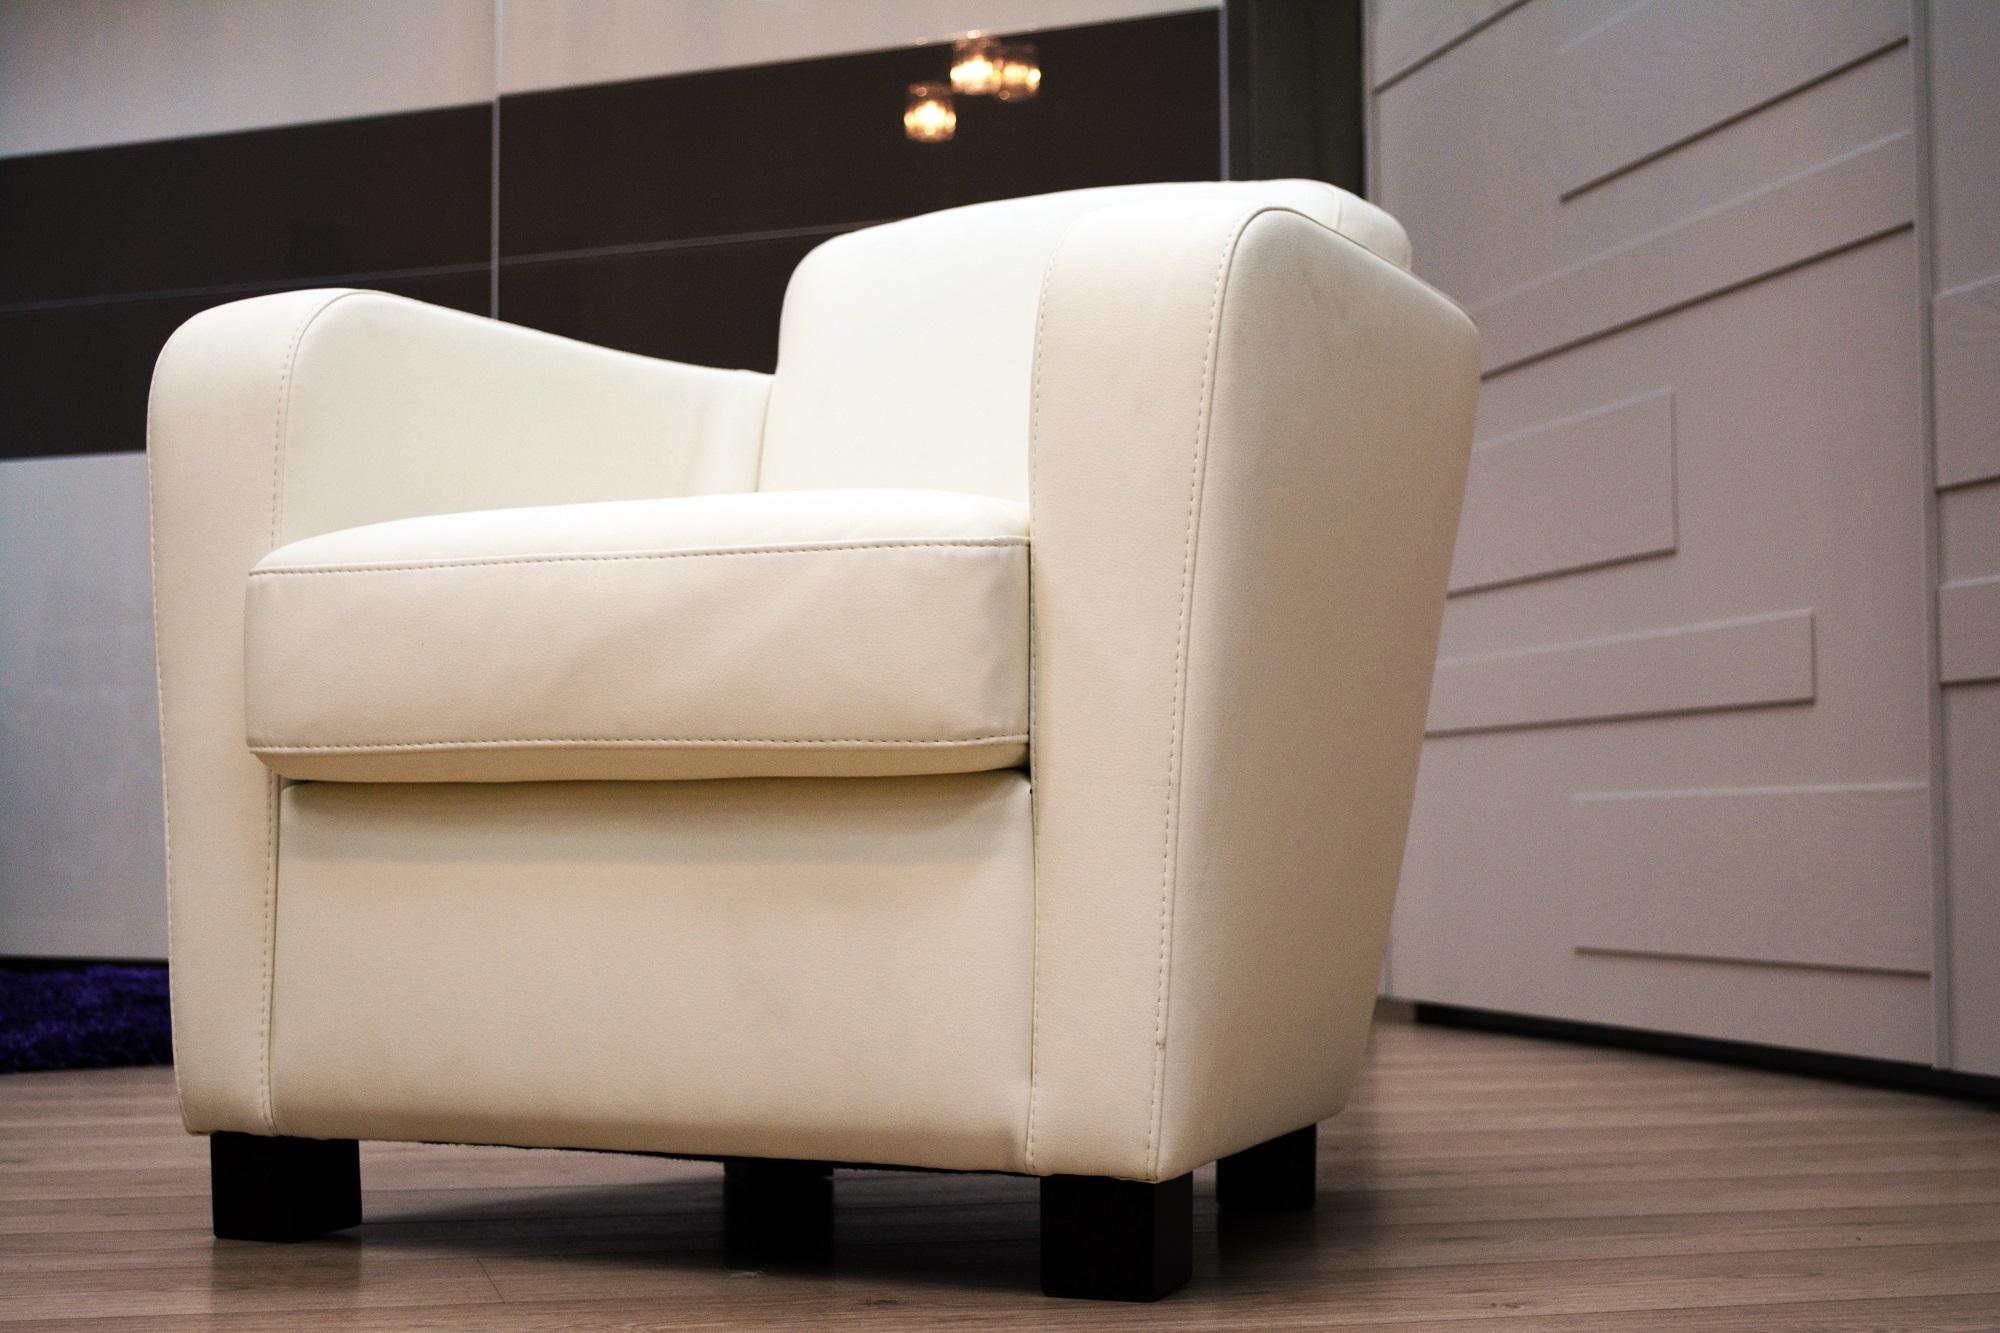 Elite poltrona pelle bianco 57 divani a prezzi scontati - Divano pelle bianco ...